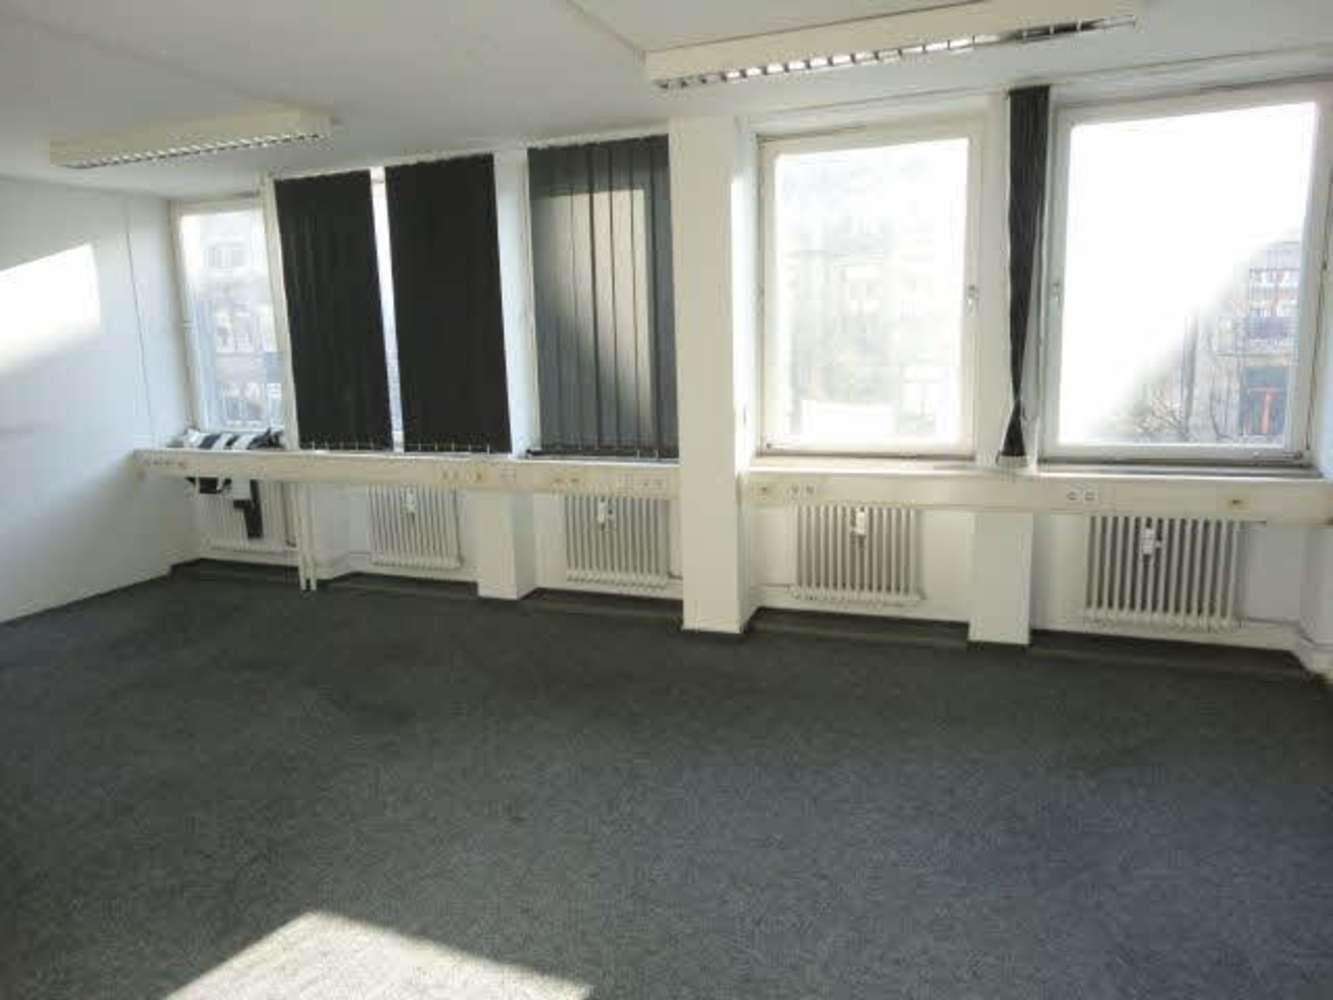 Büros Frankfurt am main, 60329 - Büro - Frankfurt am Main, Innenstadt - F0890 - 10553661